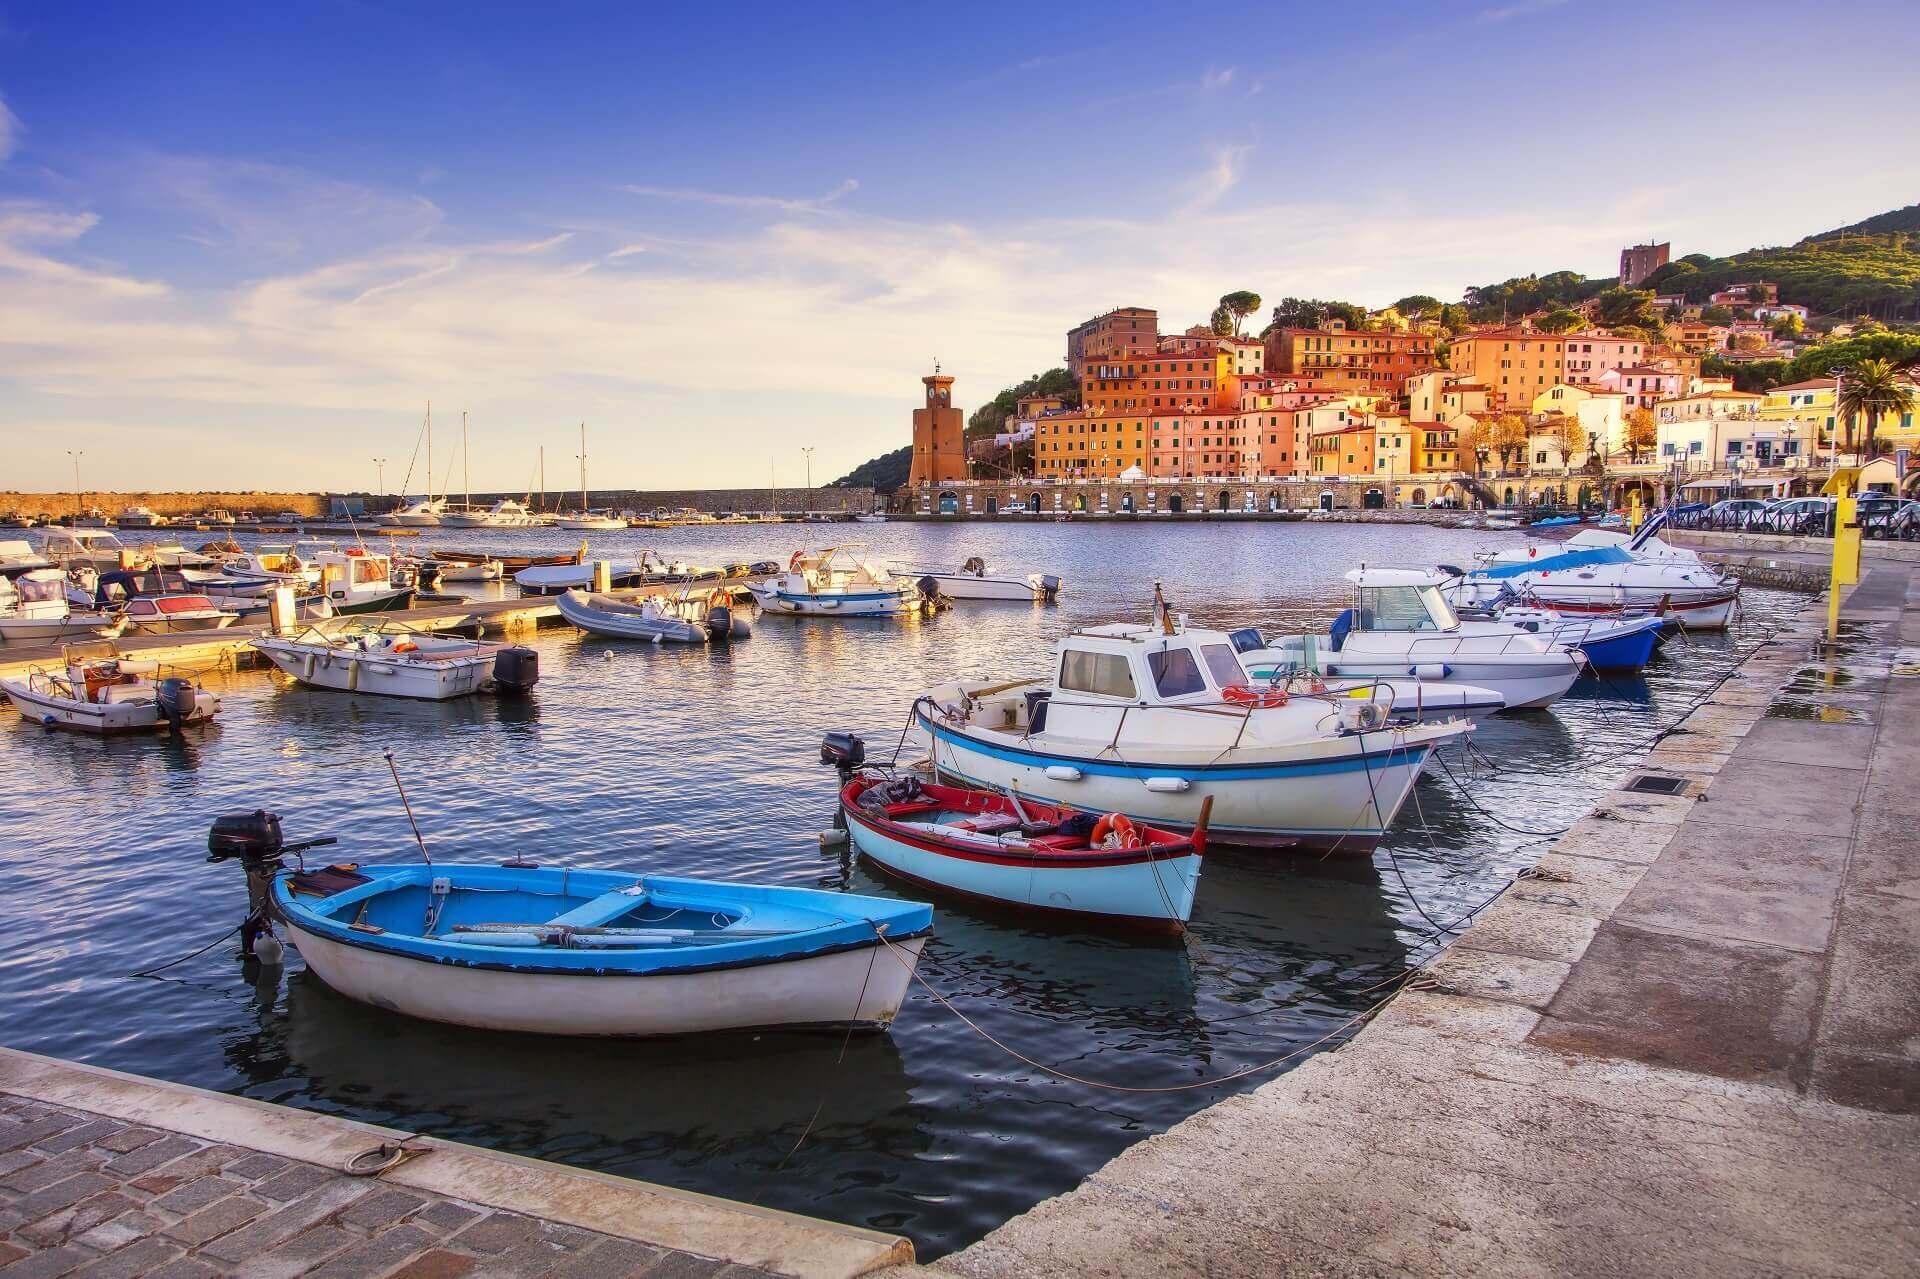 Besonders am Abend ist der Hafen von Elba wunderschön